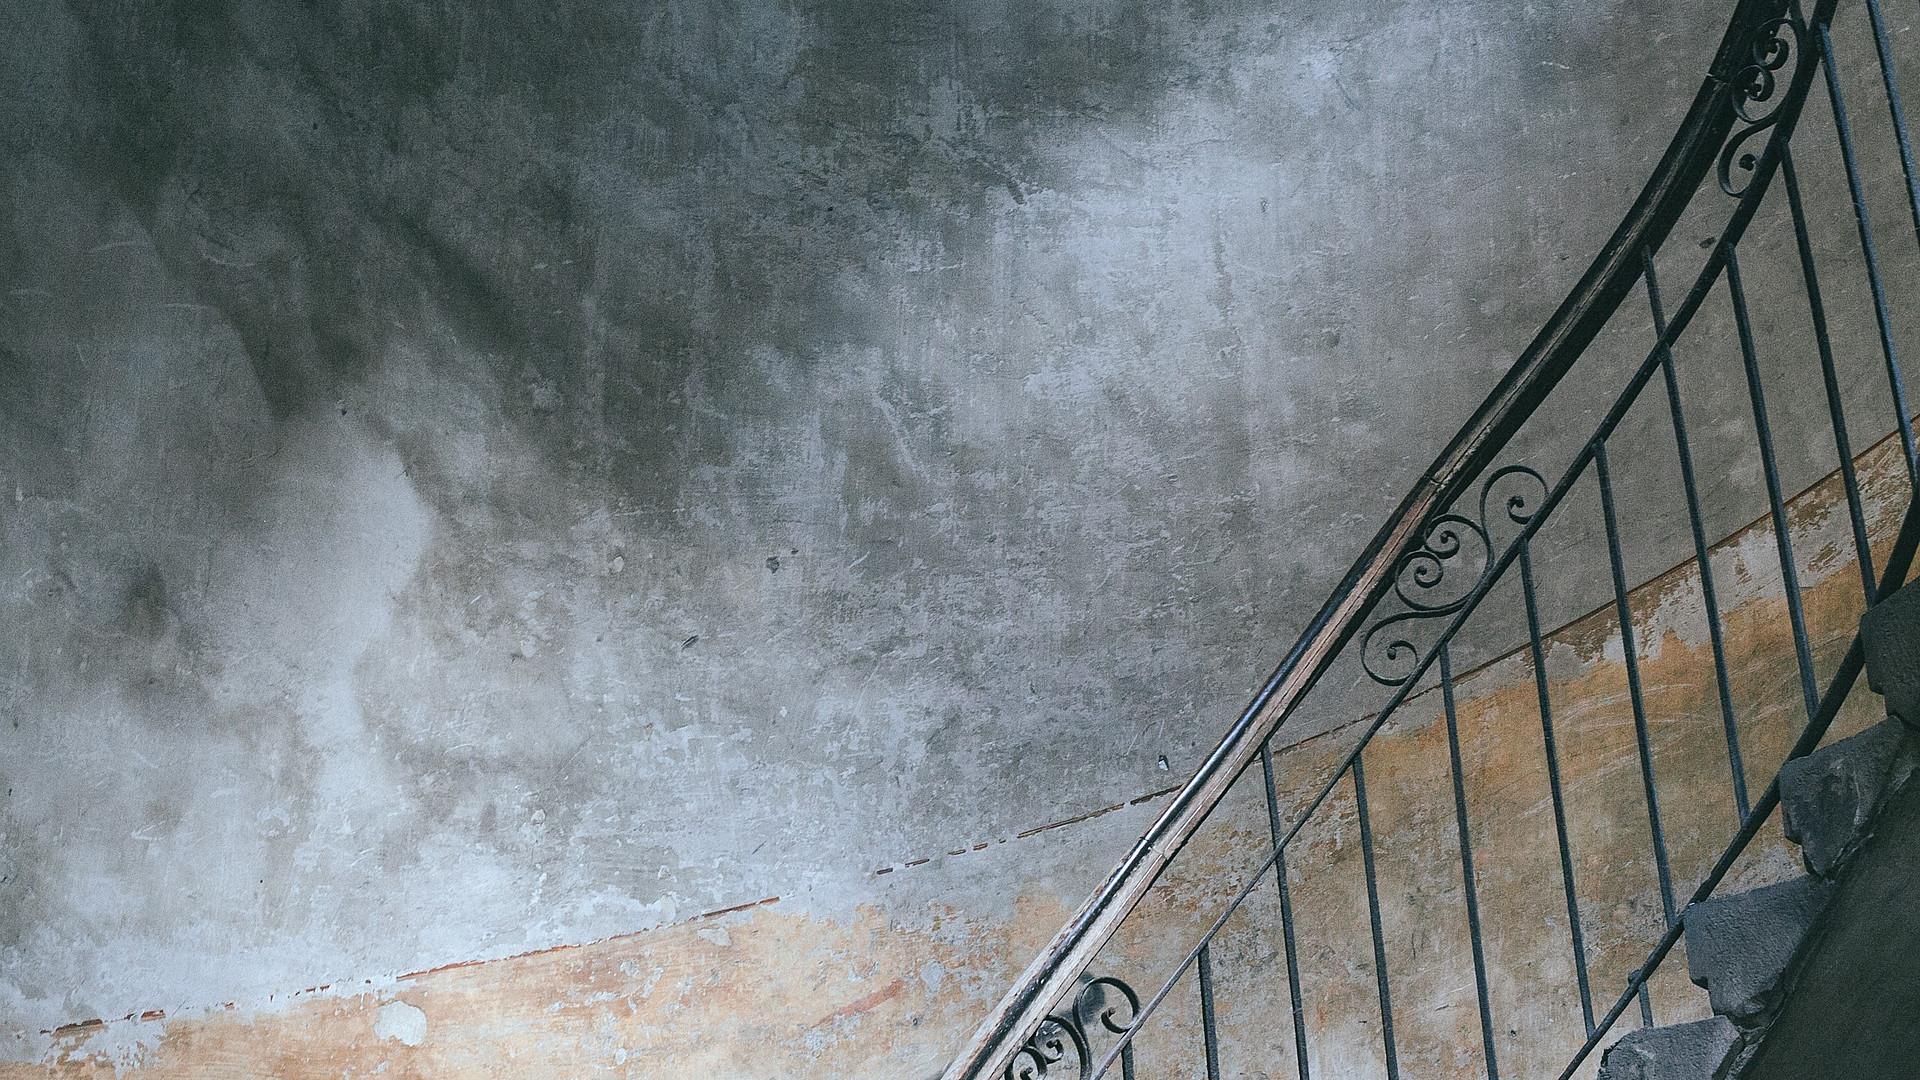 Douleur genou montee escalier 28 images cat conduite for Douleur exterieur genou